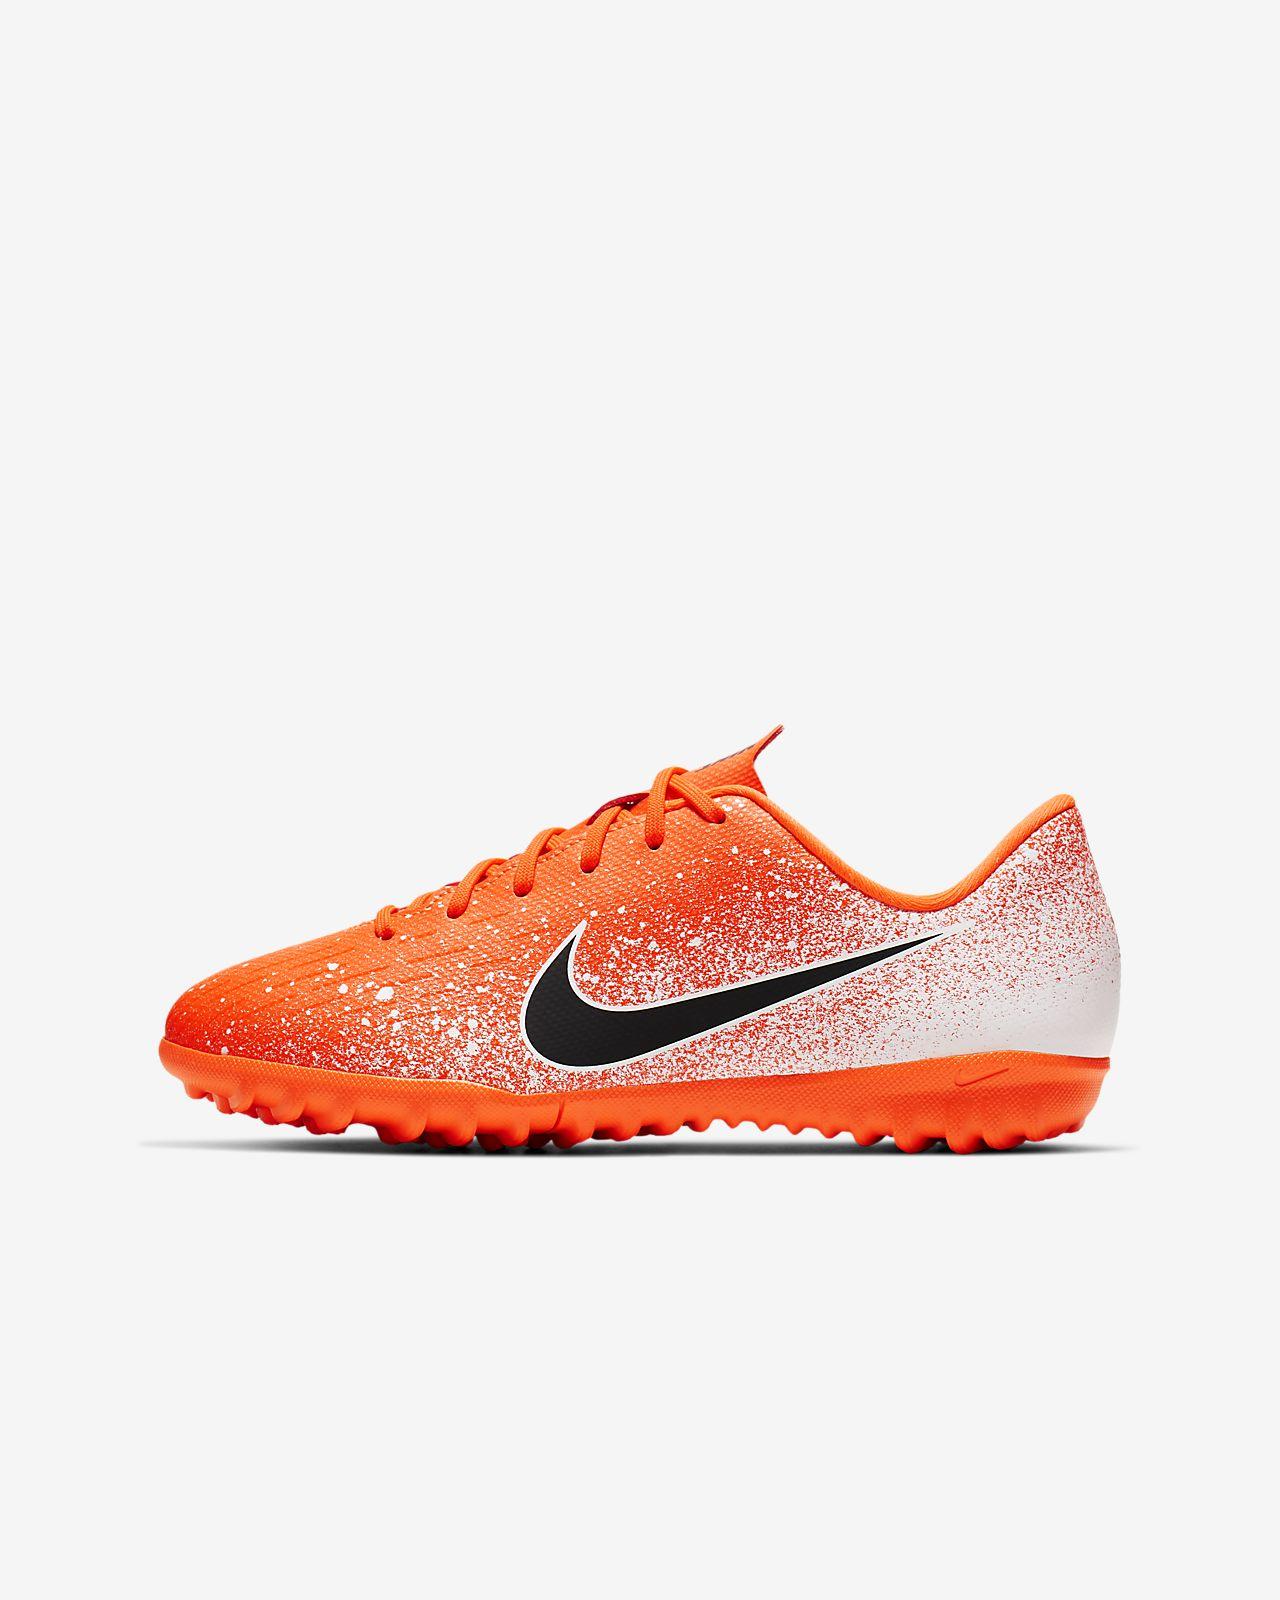 Ποδοσφαιρικό παπούτσι για χλοοτάπητα Nike Jr. Vapor 12 Academy TF για μικρά/μεγάλα παιδιά